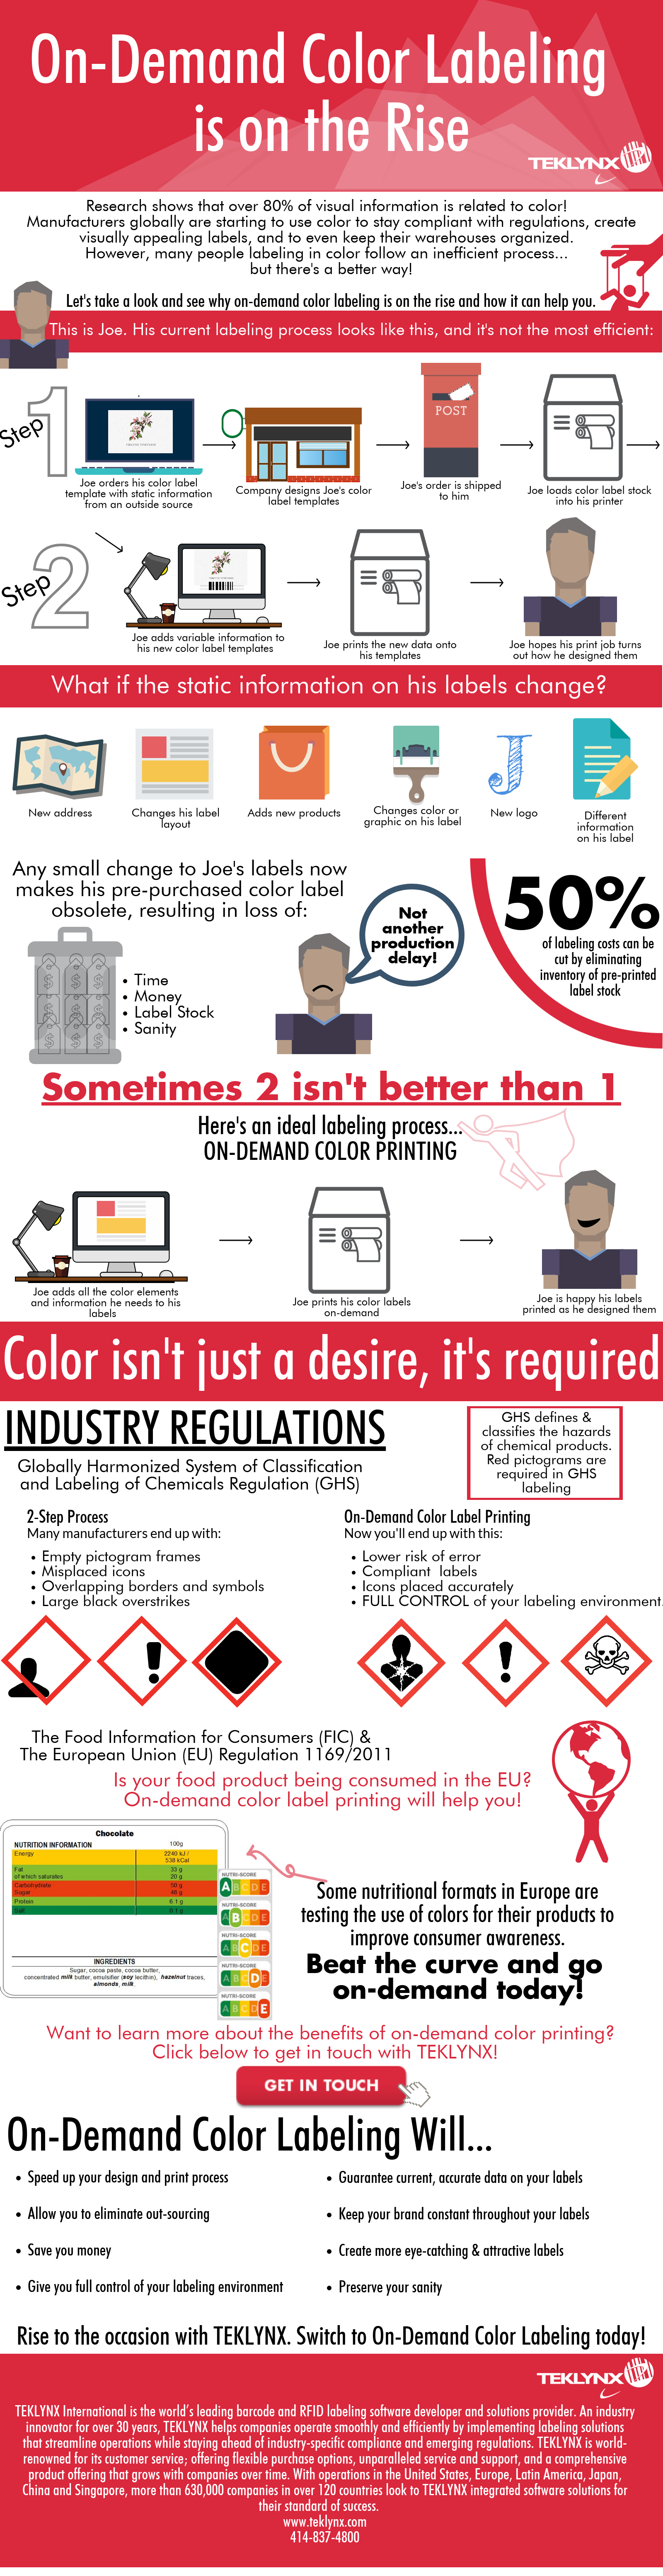 On-demand kleurentetikettering maakt een opmars